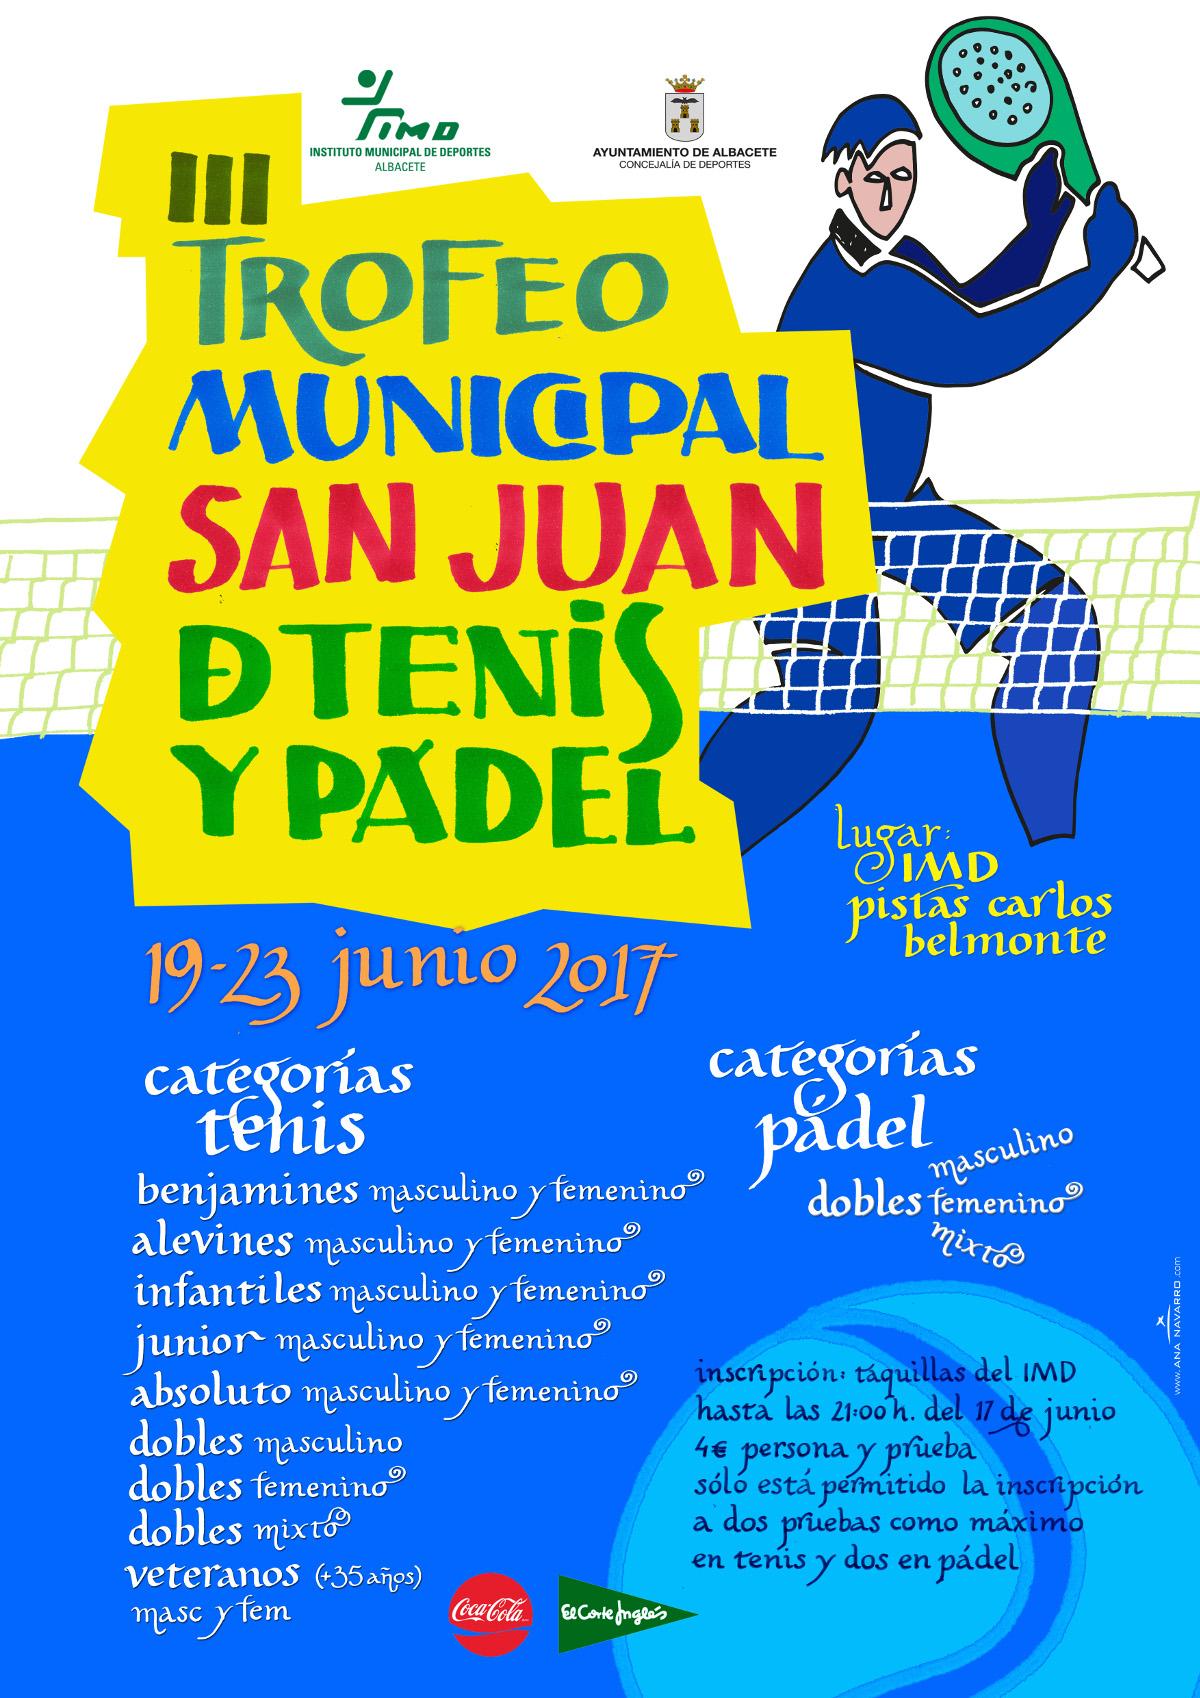 III Trofeo Municipal San Juan de Tenis y Pádel